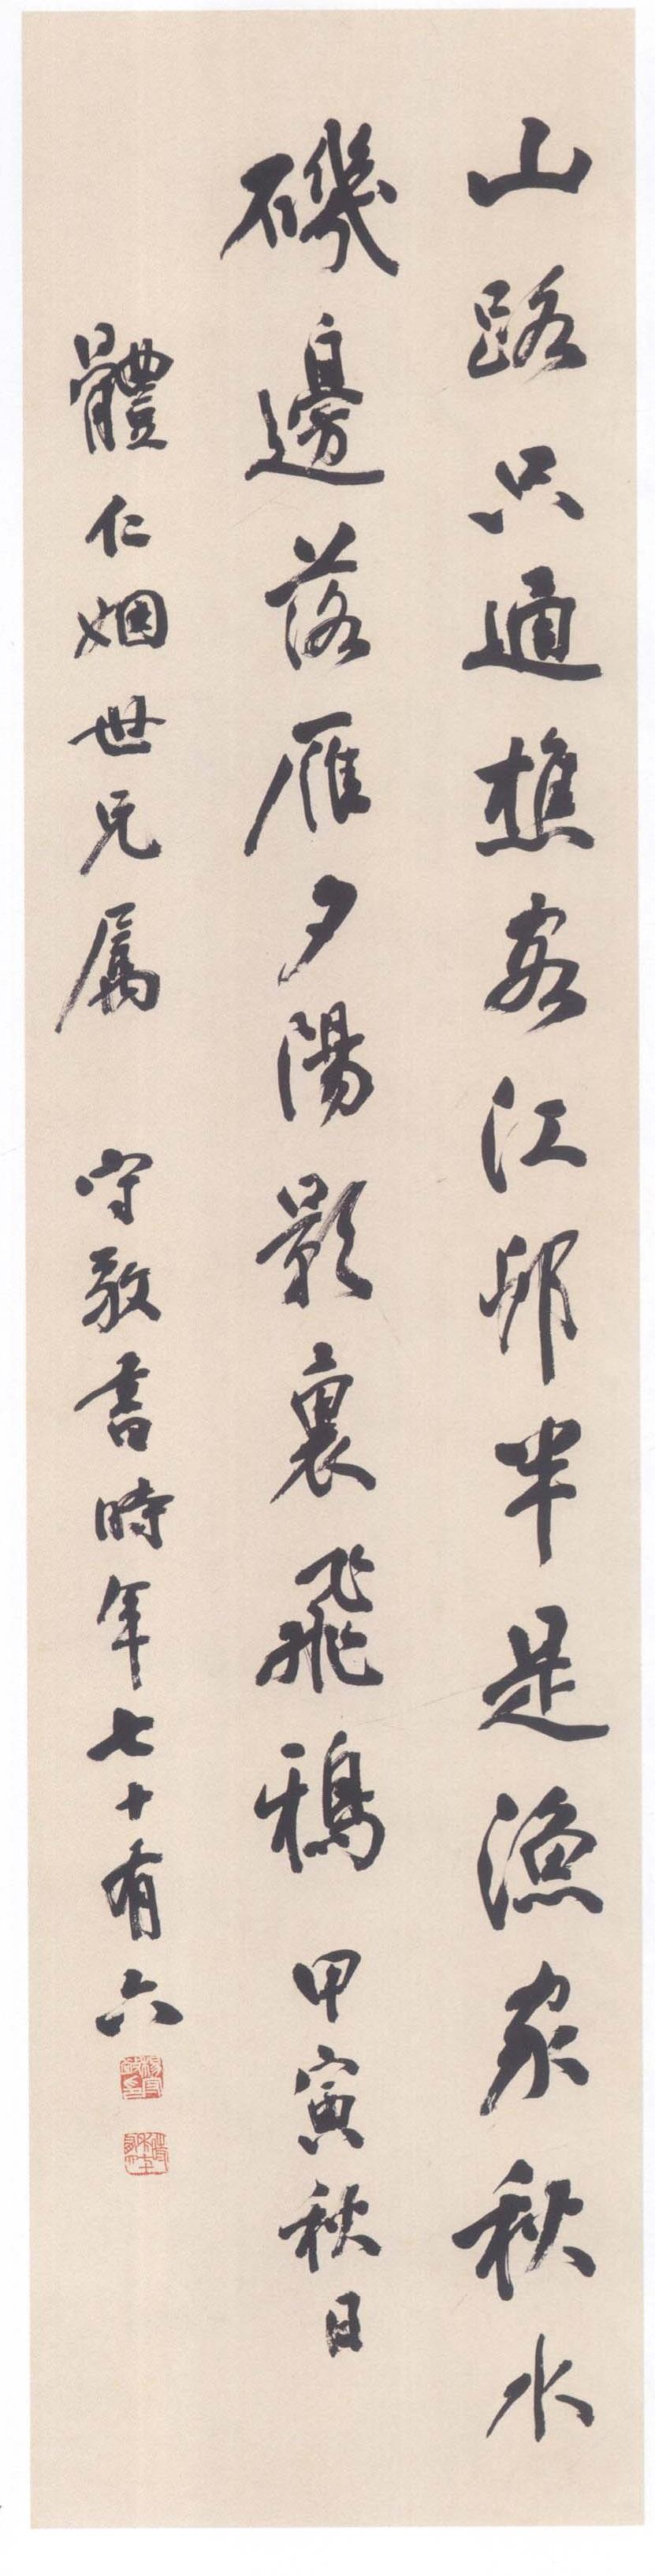 杨守敬《六言诗轴》纸本行书 湖北省博物馆藏